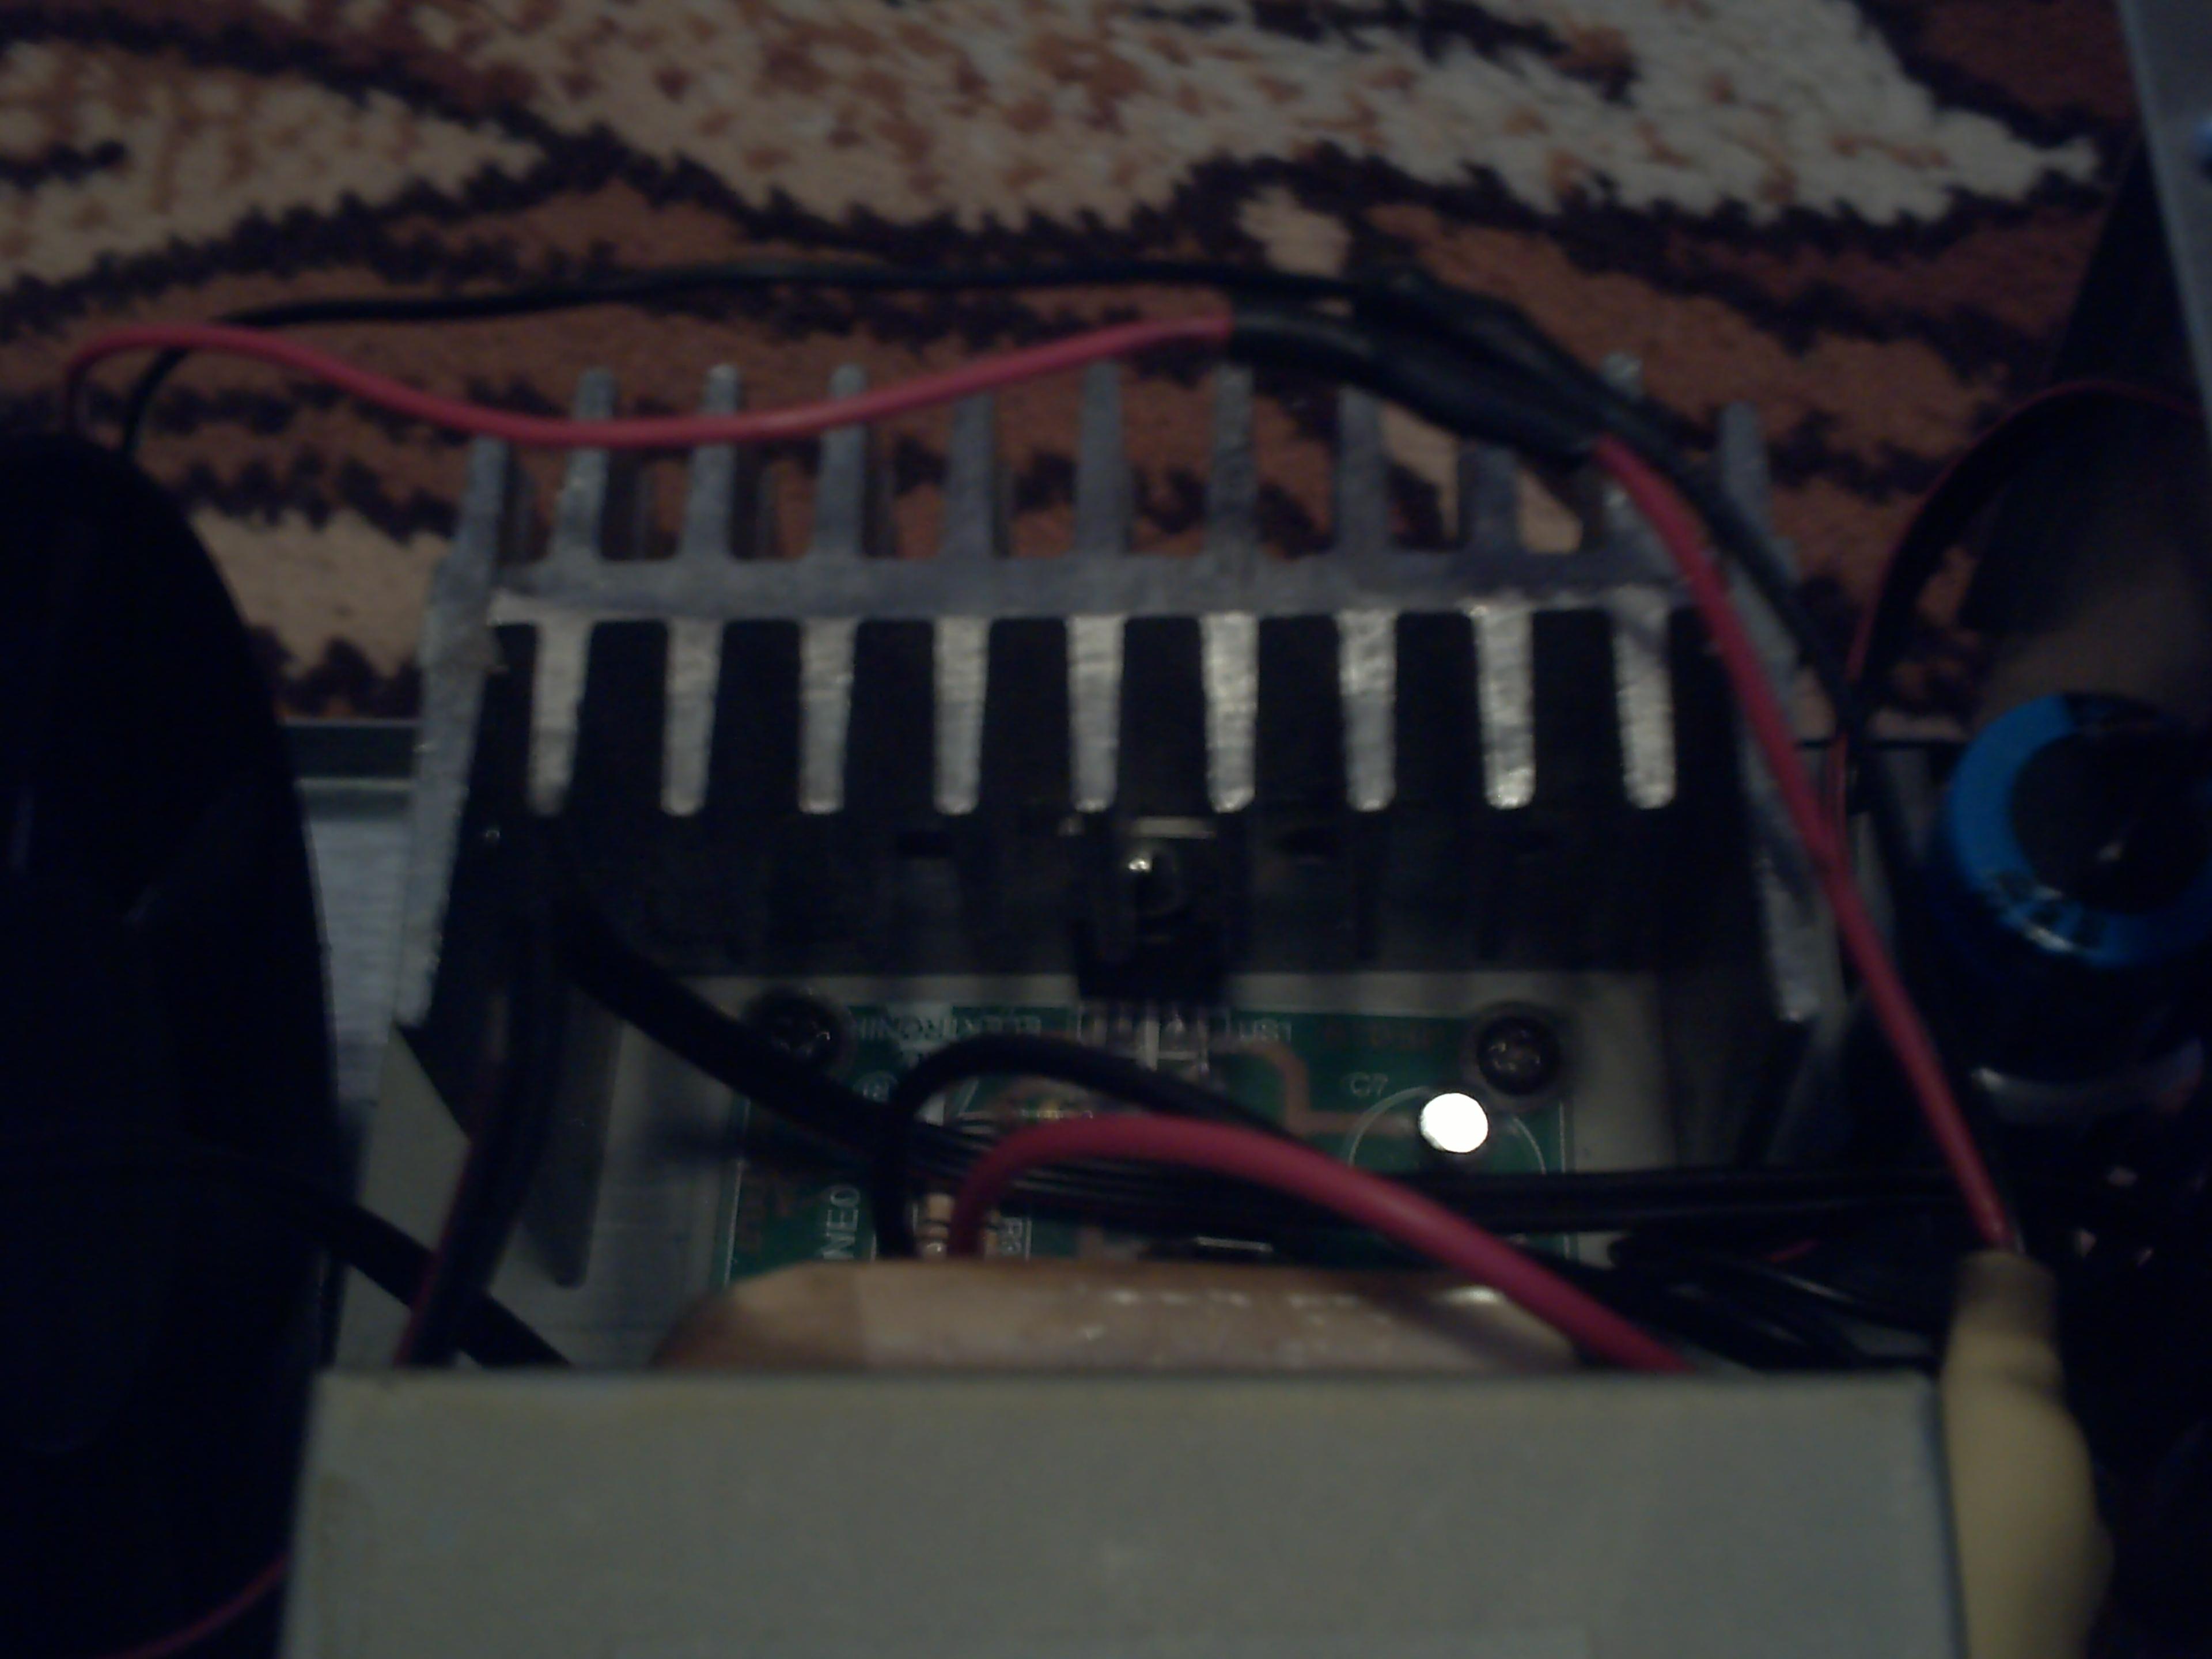 Wzmacniacz mono na TDA2030 w obudowie zasilacza z komputera.